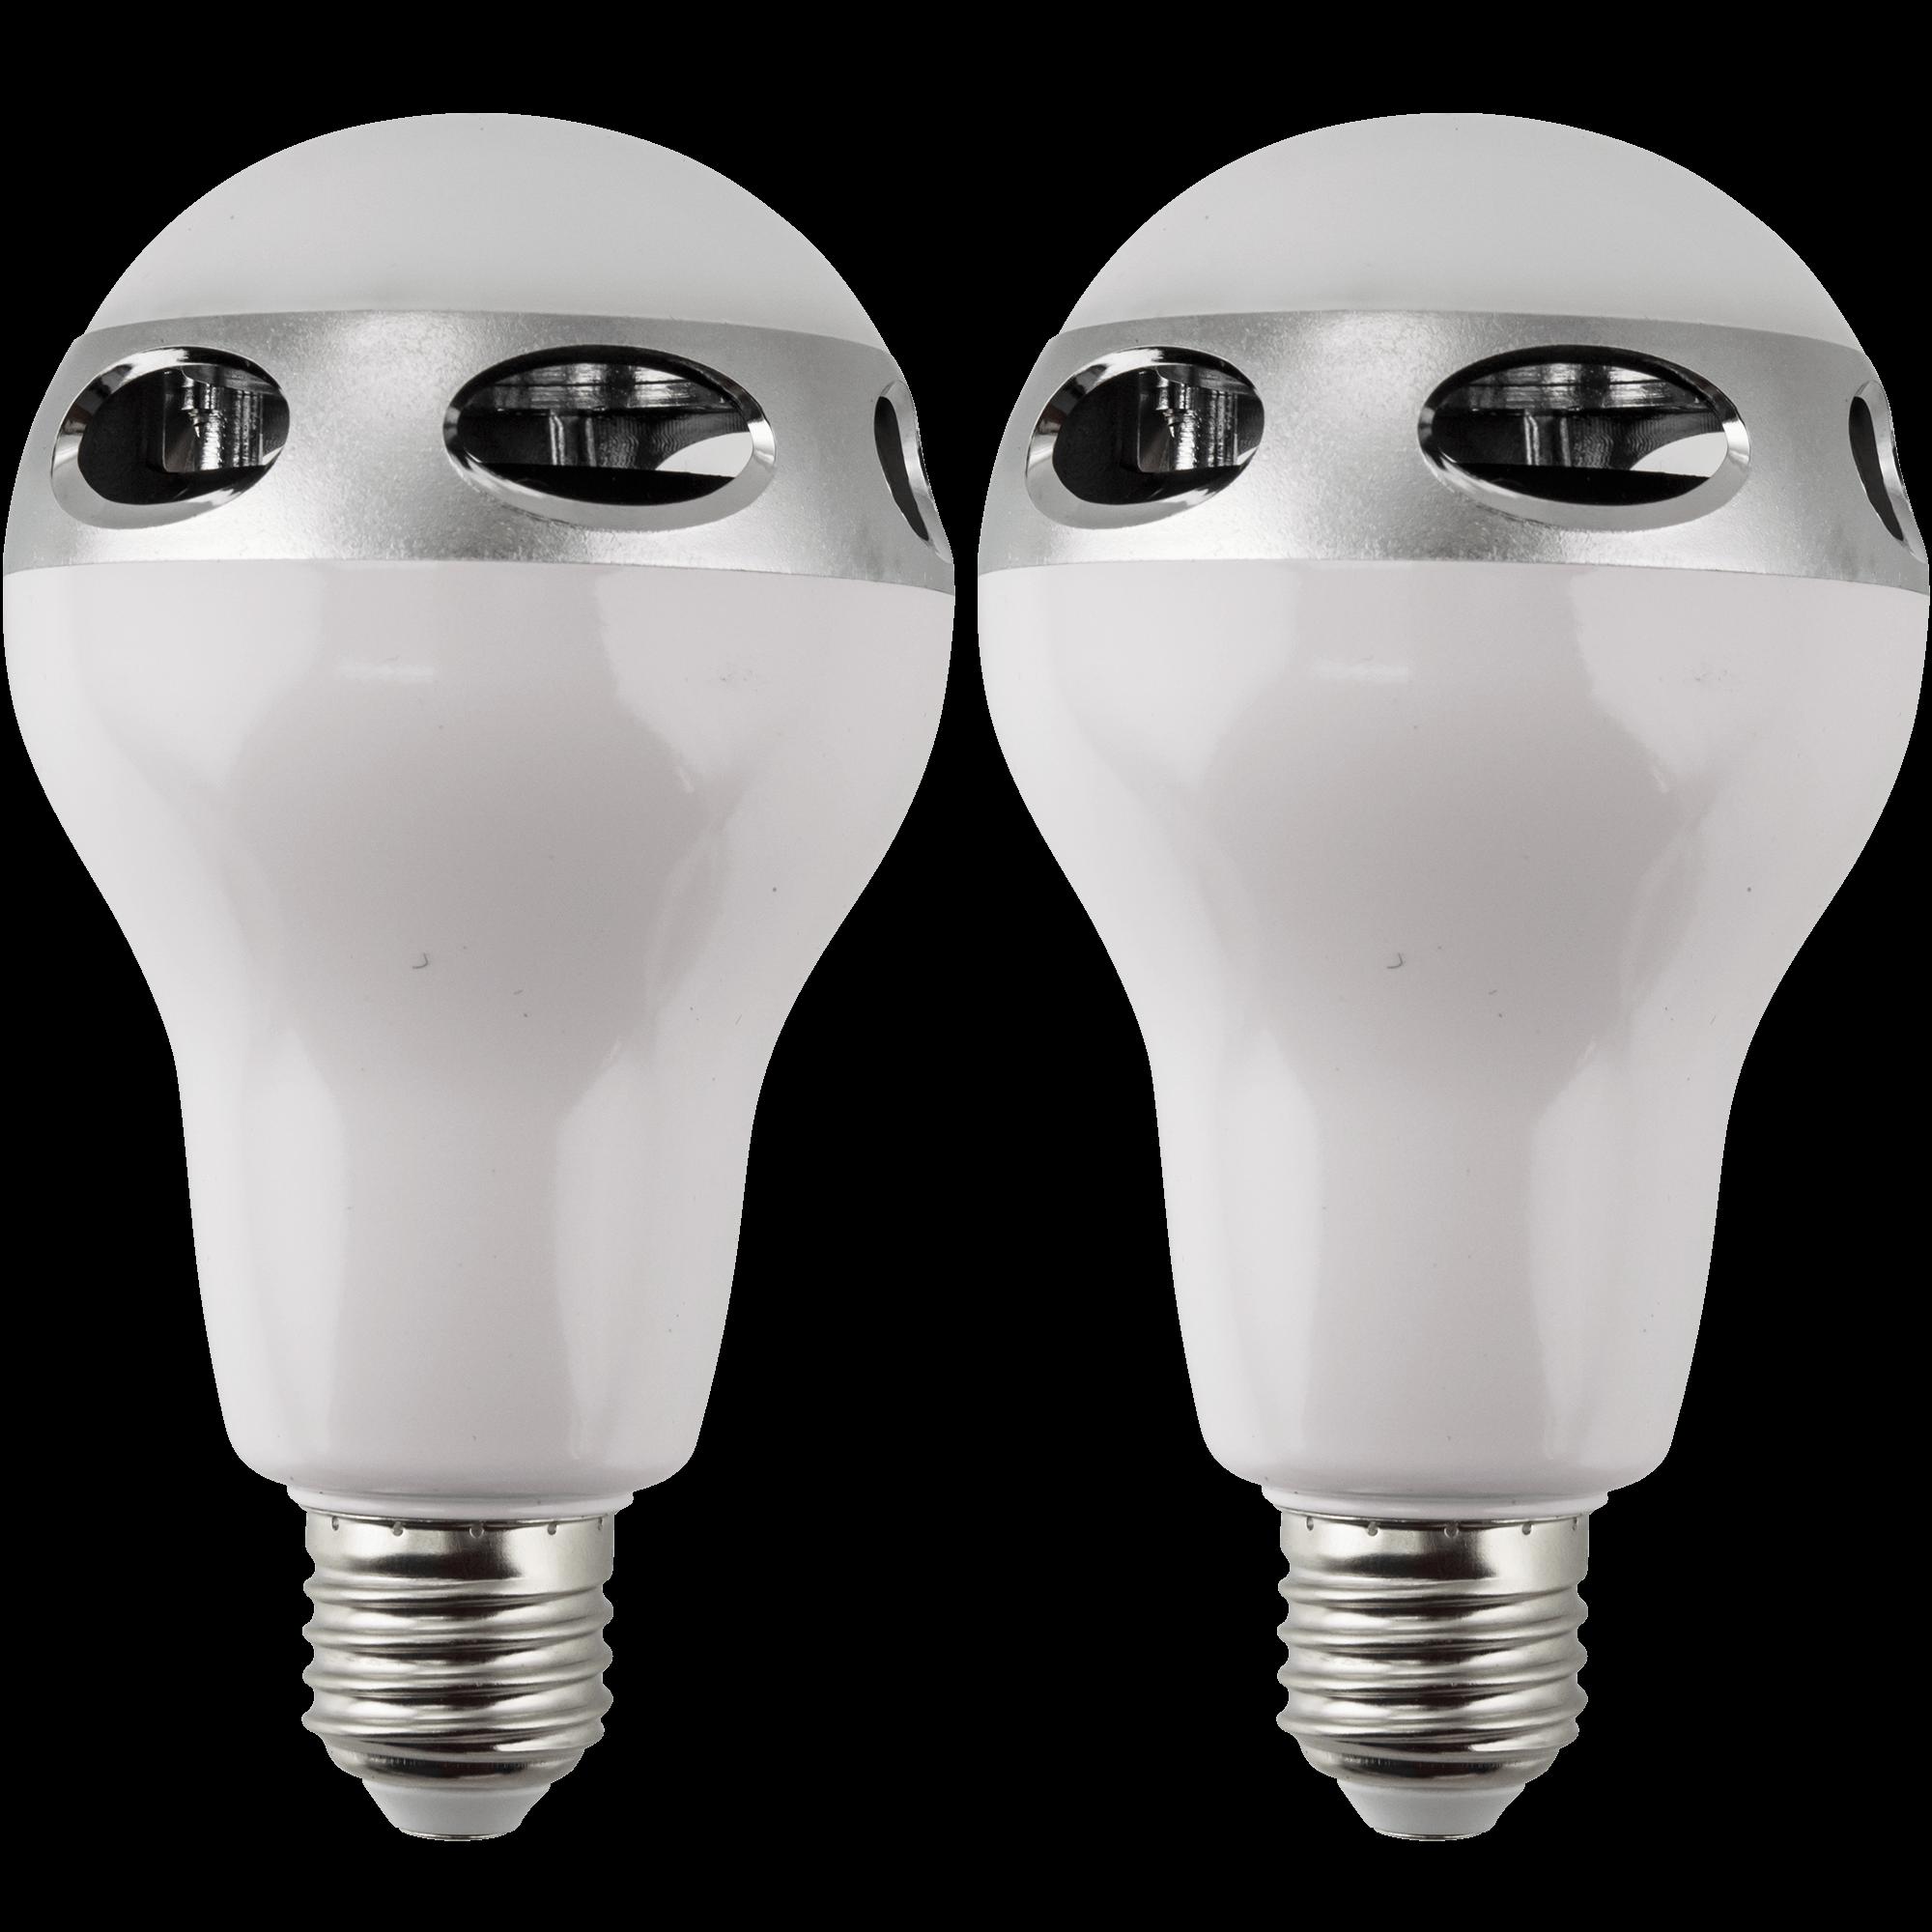 2 For Tuesday Smart Led Lightbulb Bluetooth Speakers